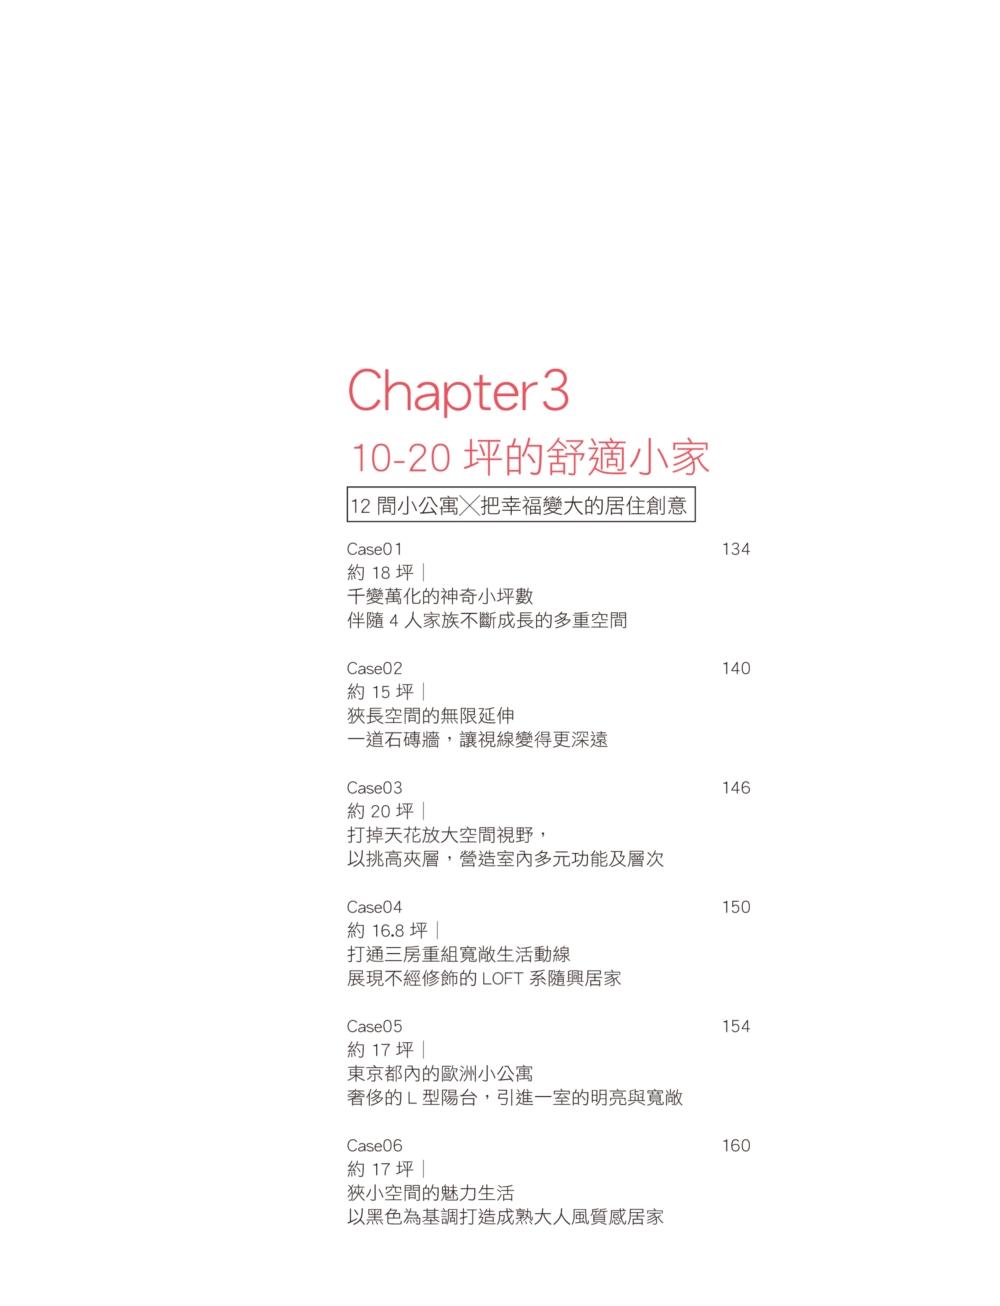 http://im1.book.com.tw/image/getImage?i=http://www.books.com.tw/img/001/069/86/0010698618_bi_04.jpg&v=5666cd91&w=655&h=609